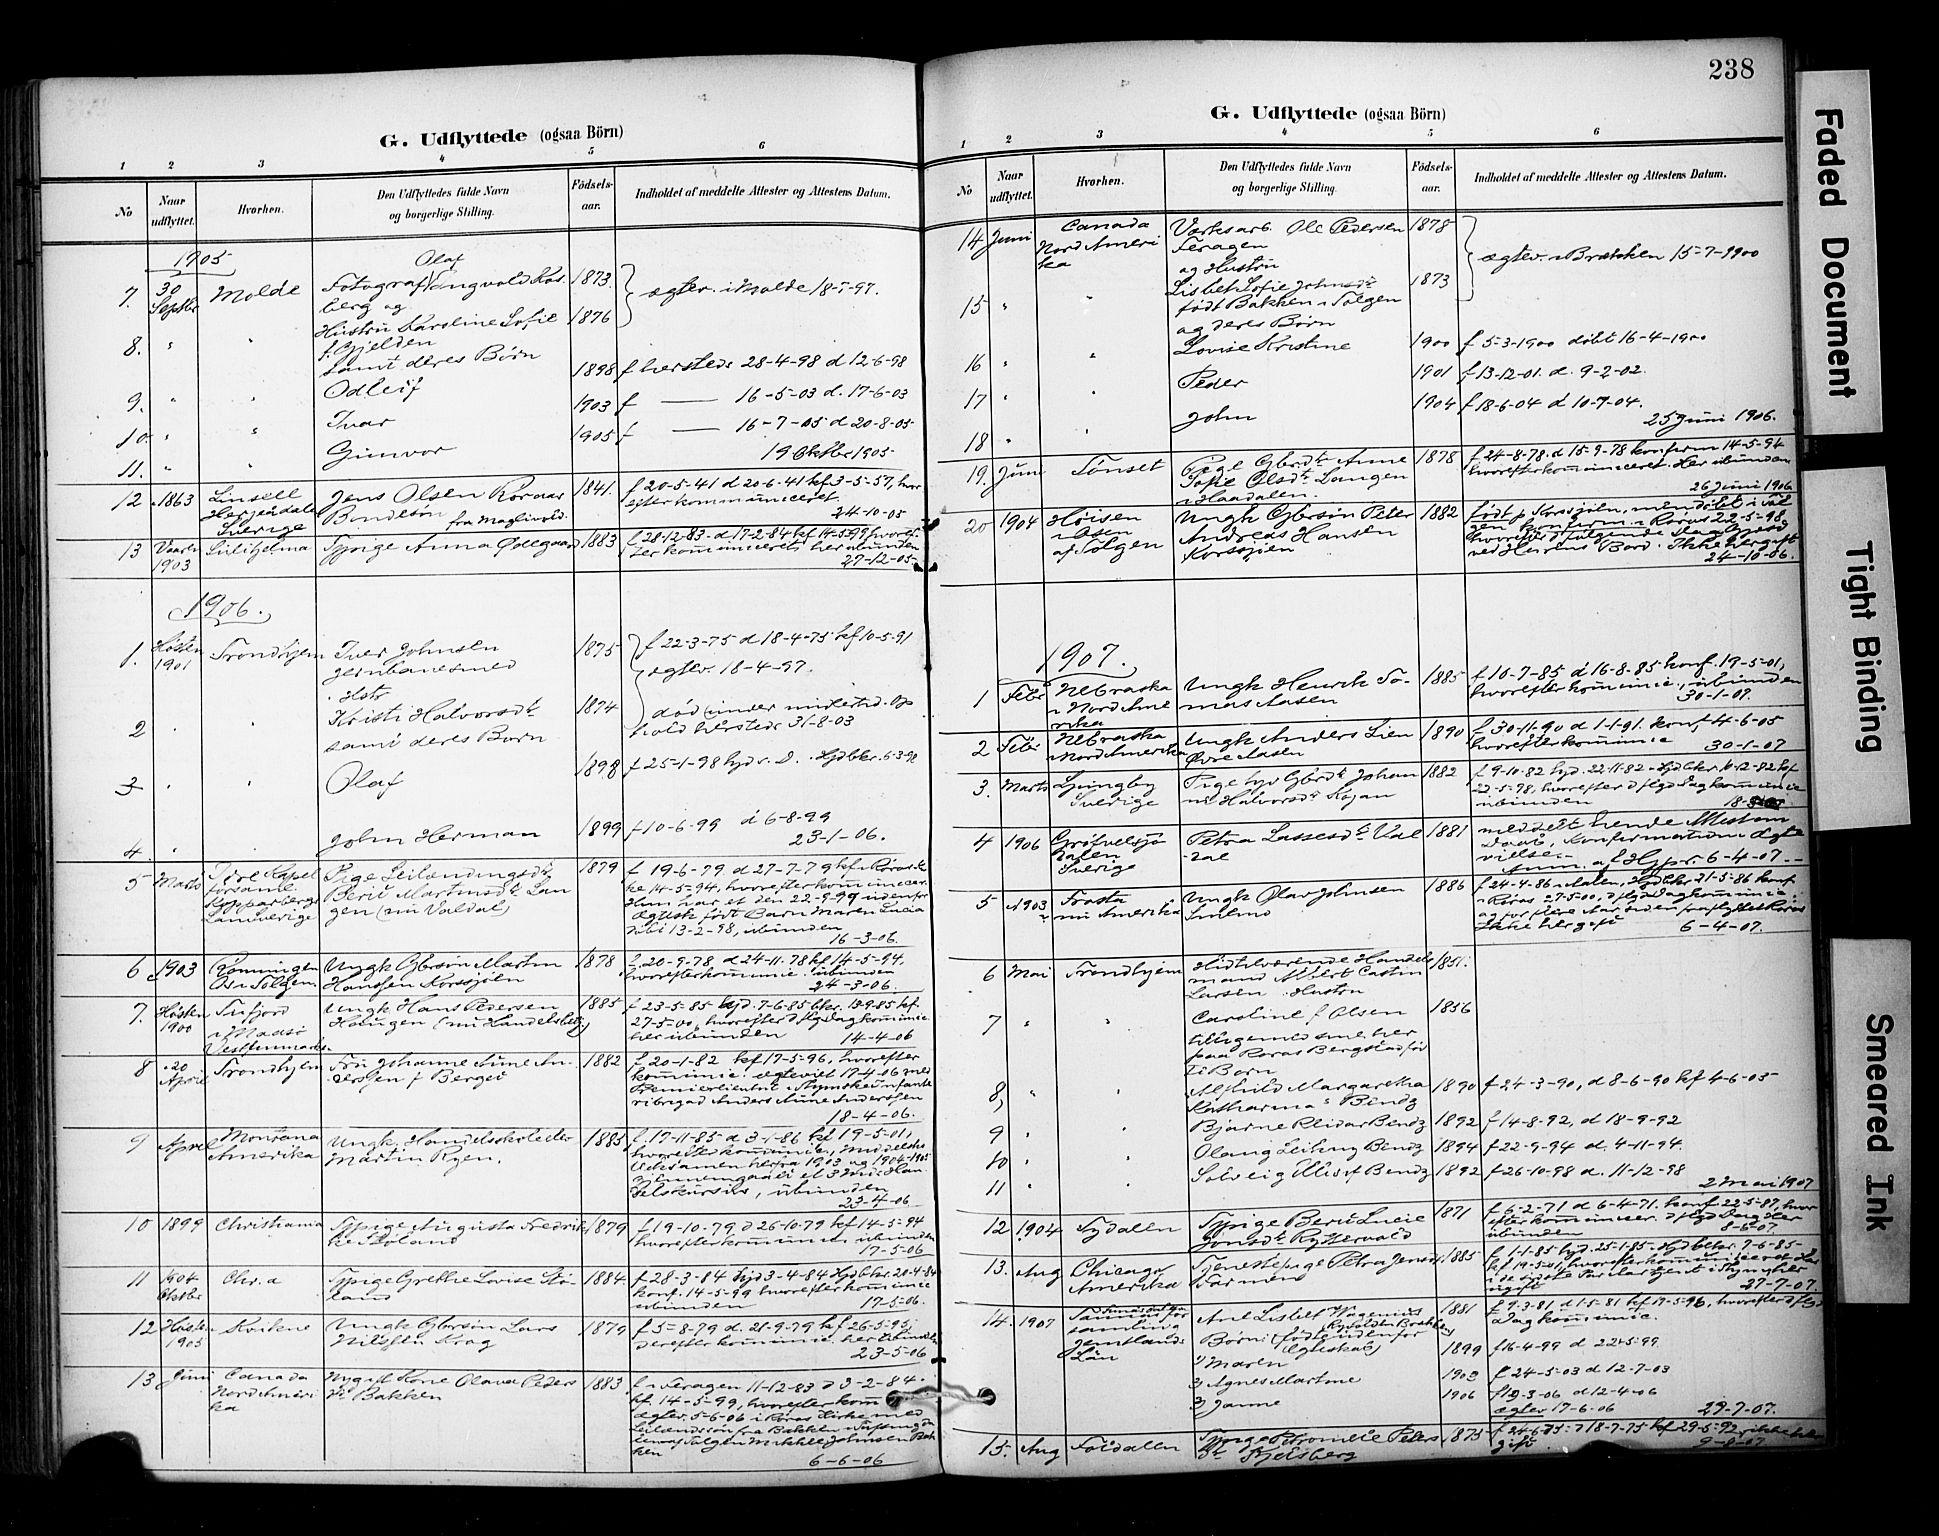 SAT, Ministerialprotokoller, klokkerbøker og fødselsregistre - Sør-Trøndelag, 681/L0936: Ministerialbok nr. 681A14, 1899-1908, s. 238